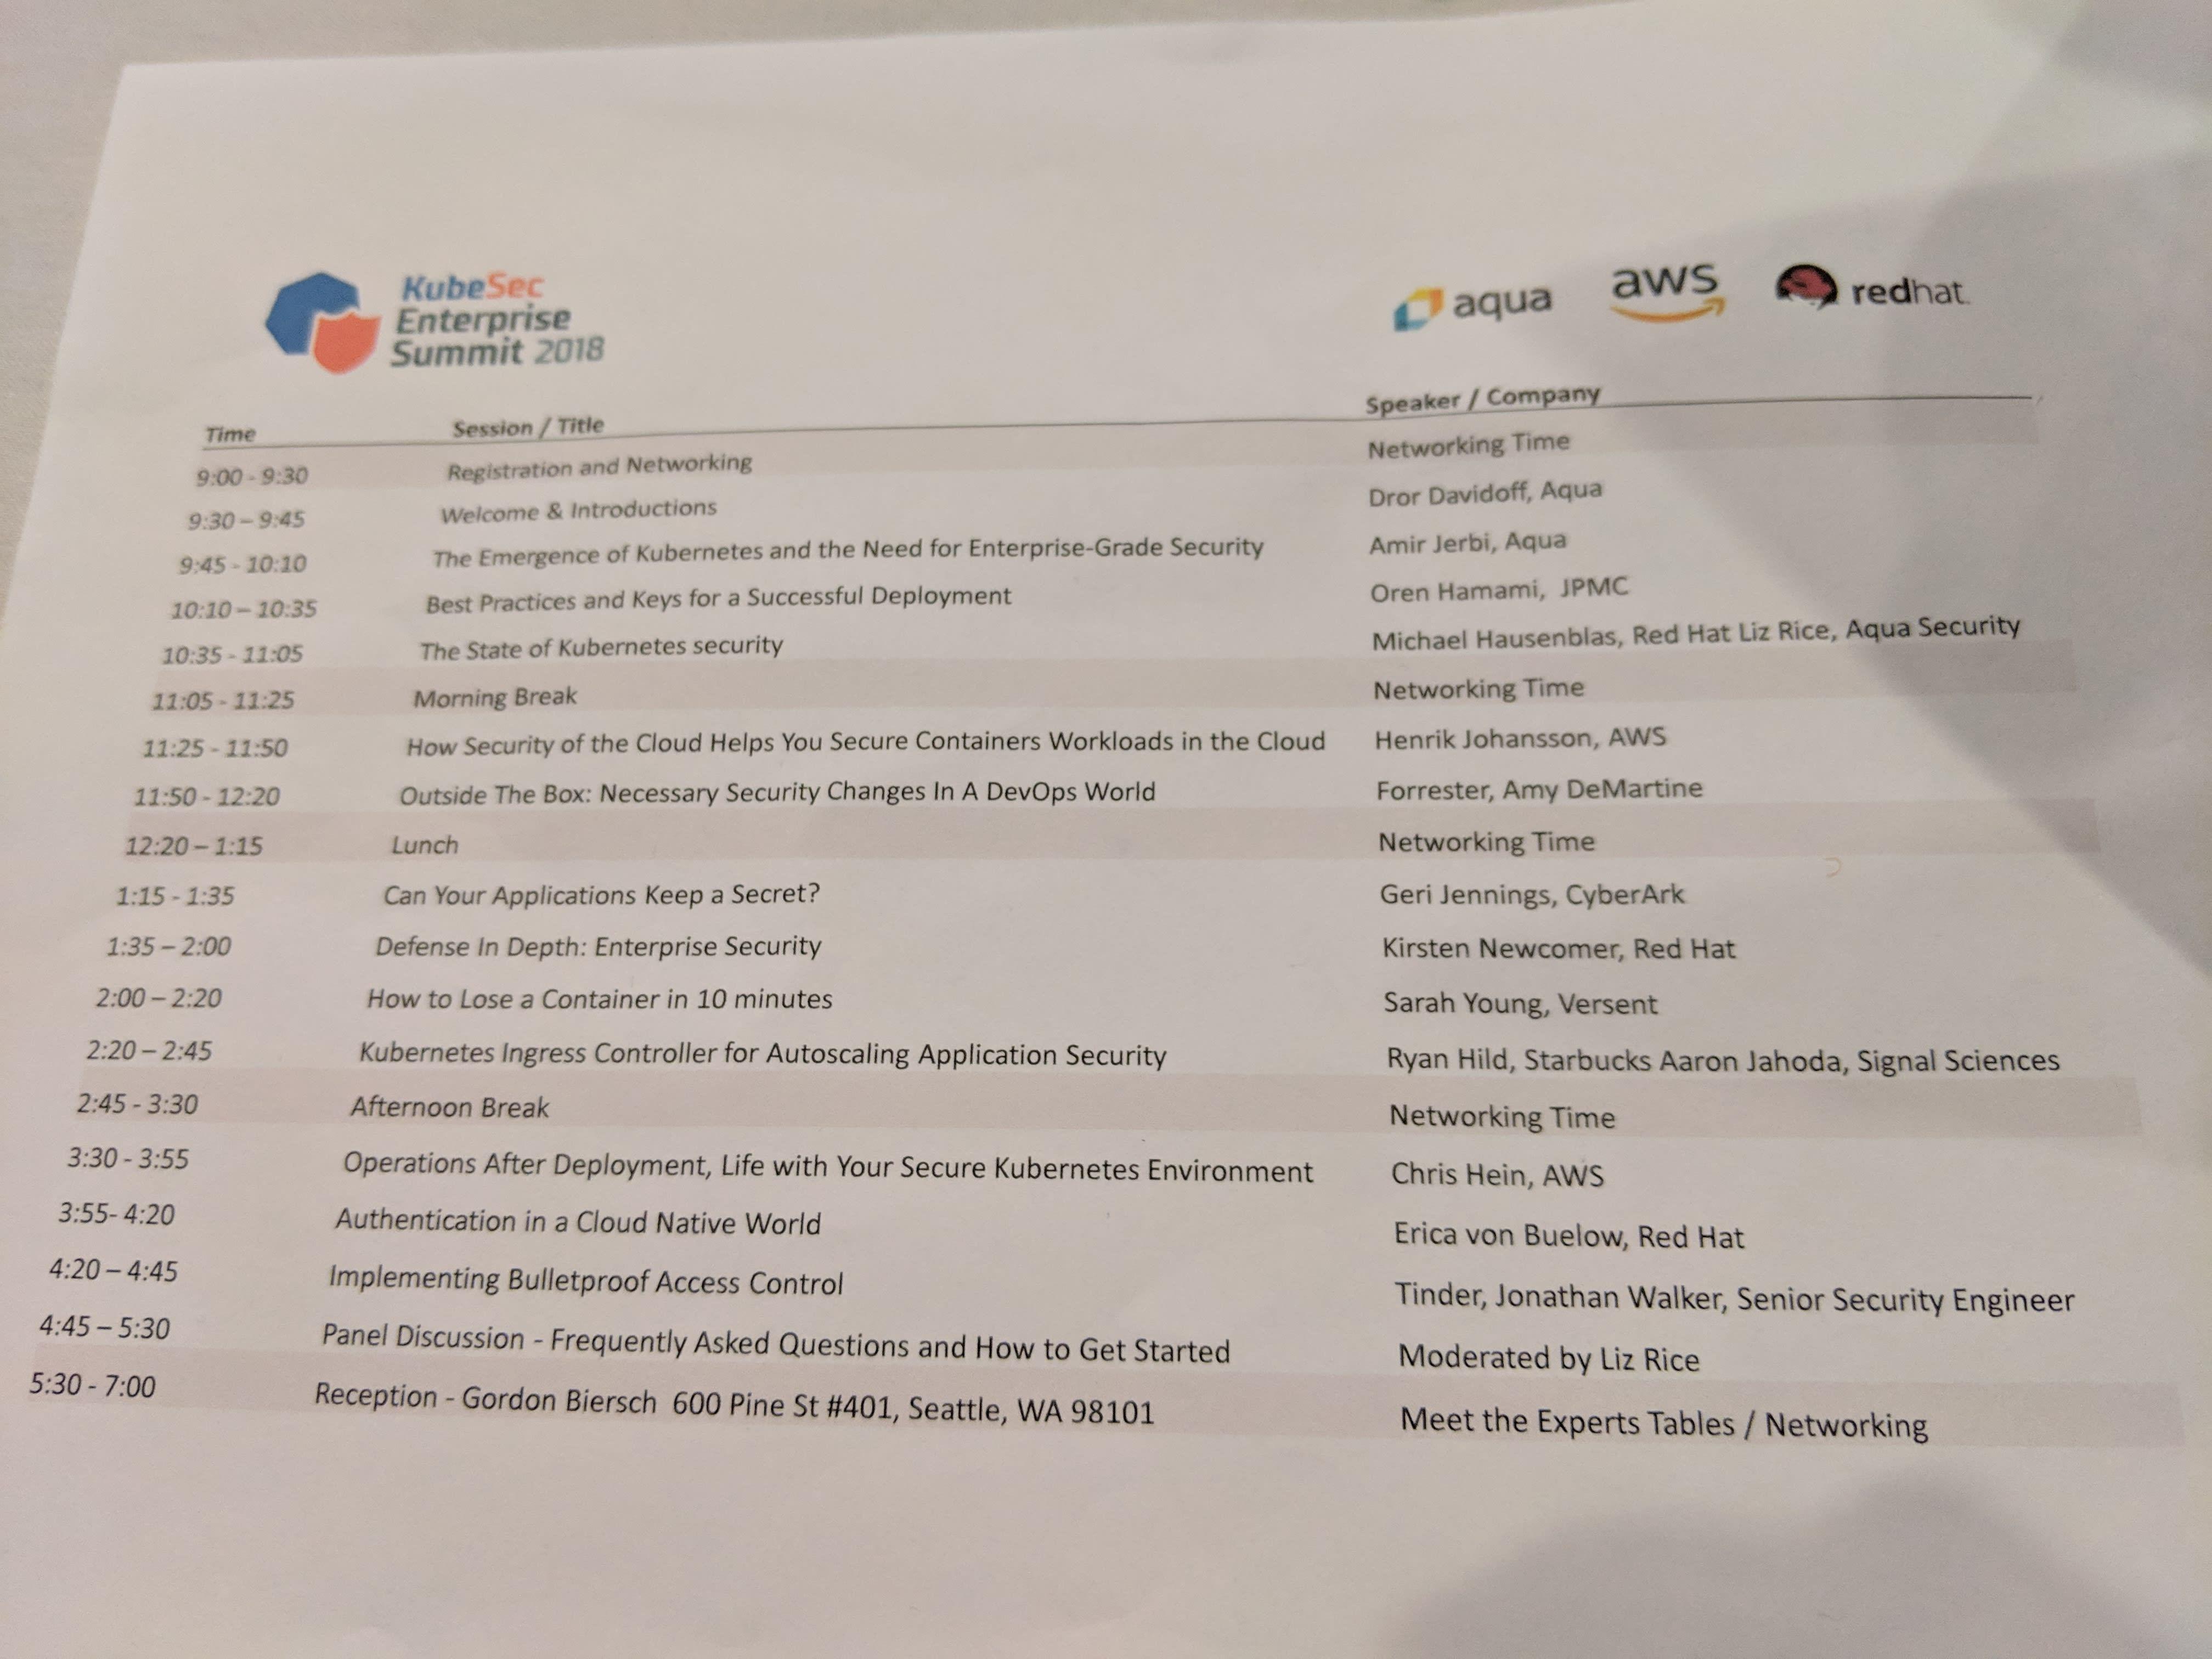 KubeSec Enterprise Summit